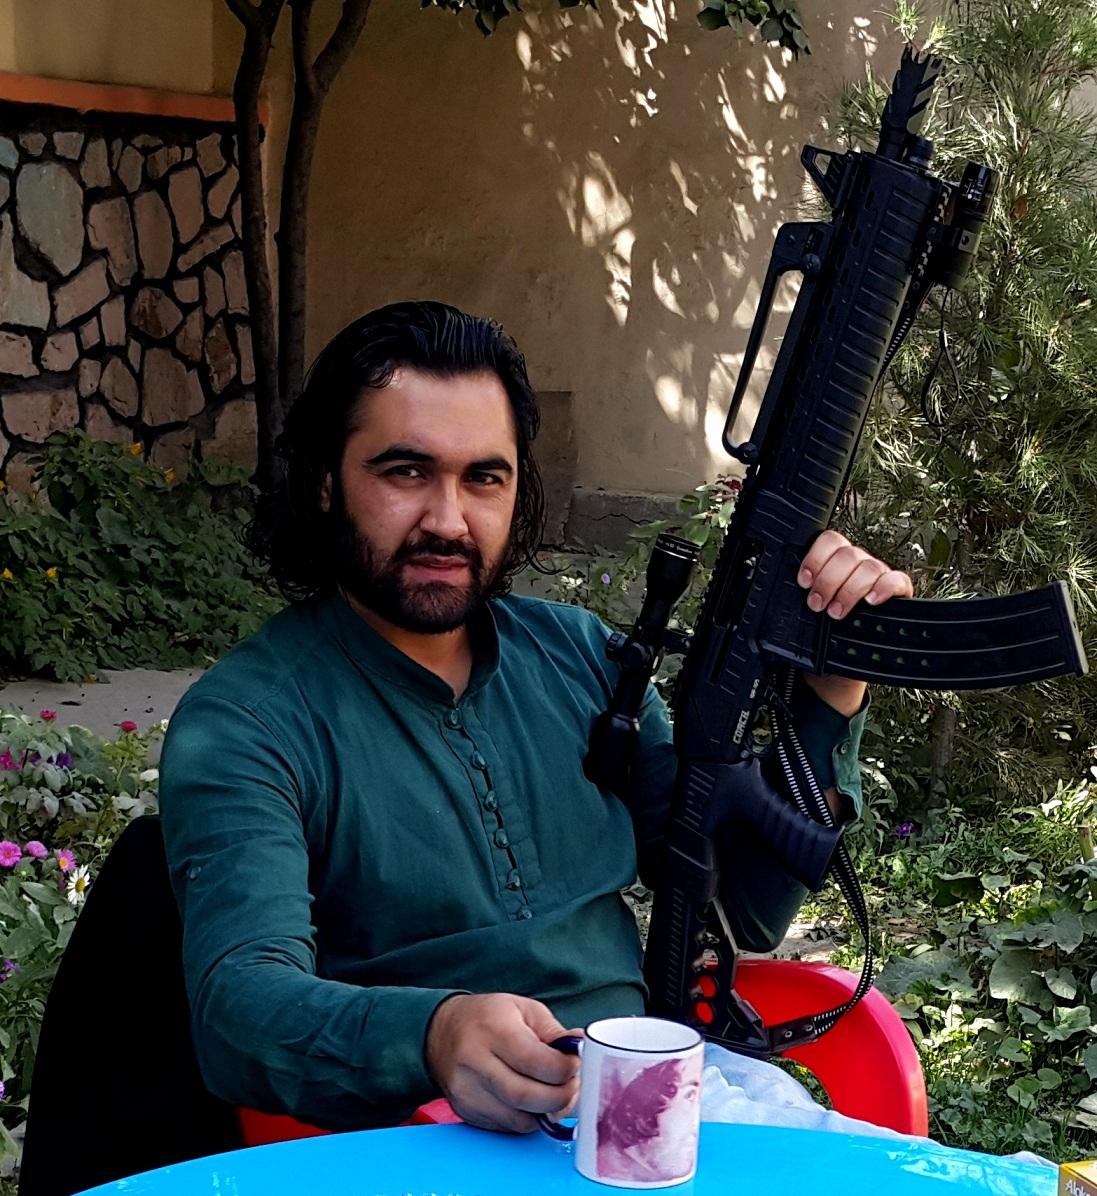 تصاویر احمد محمود امپراطور با اسلحه